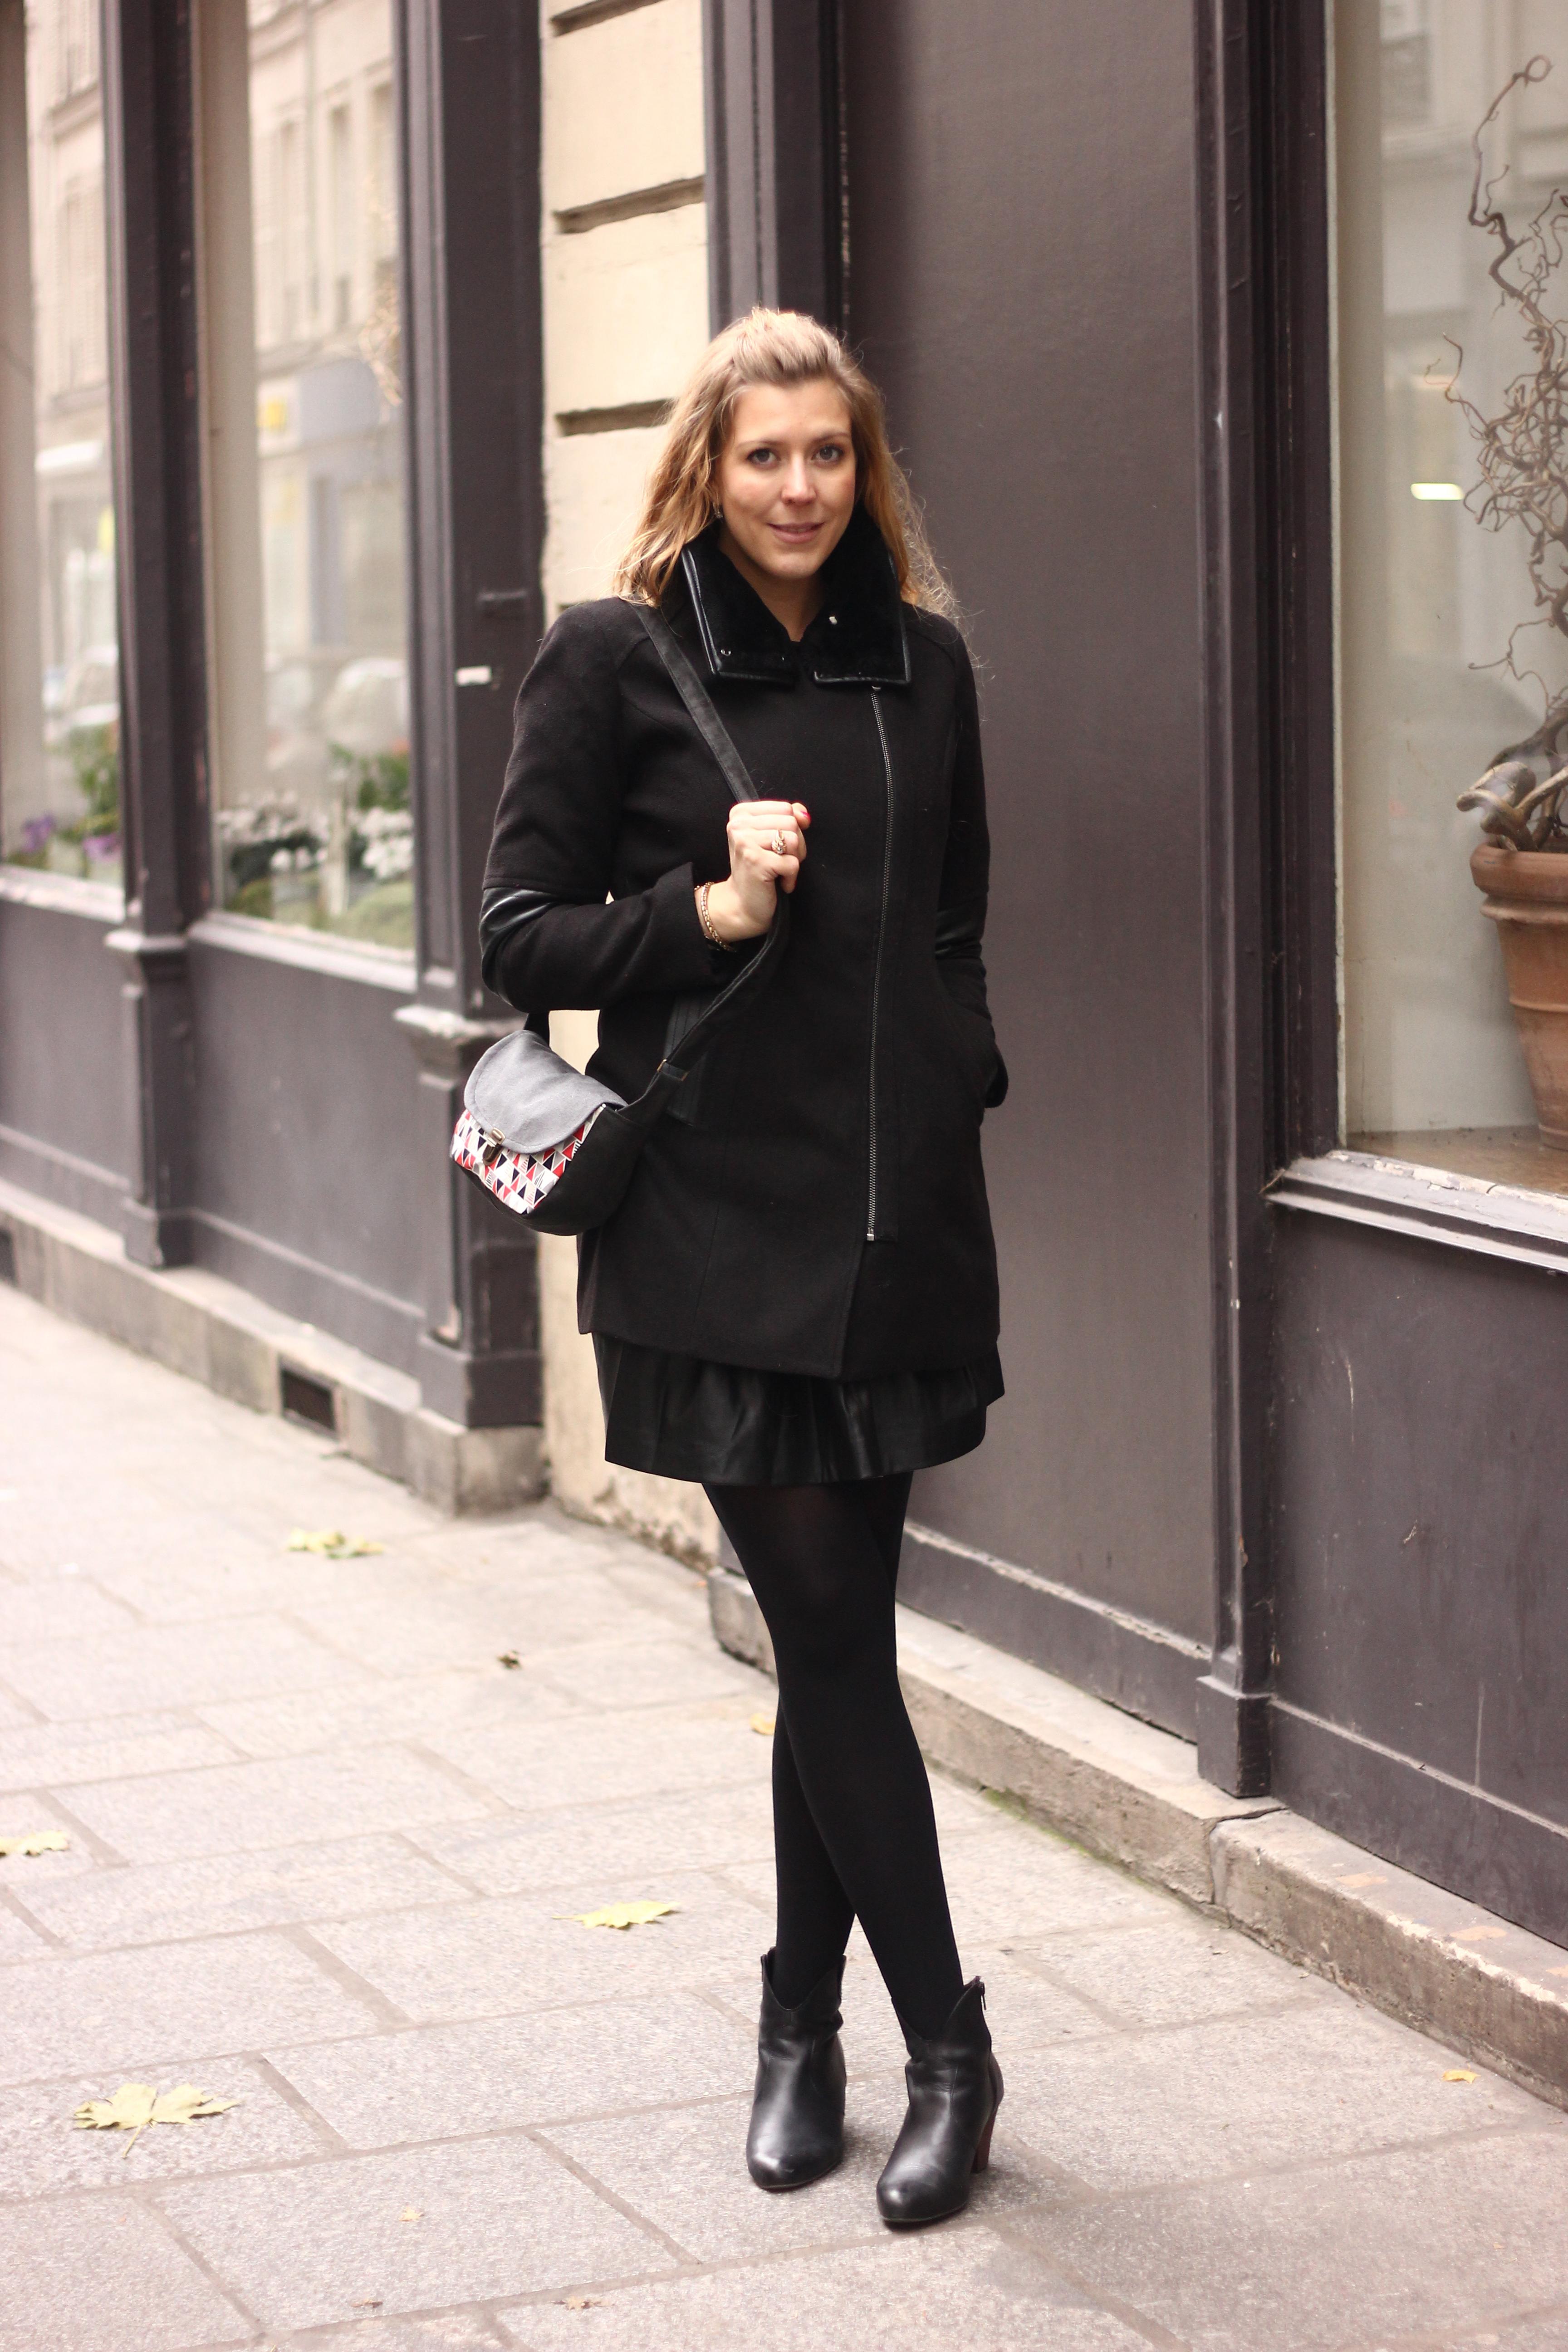 Manteau bimatière, derhy, pull cachemire,X damart, jupe patineuse, jupe simili cuir, jupe à coeur, bottines cuir pas cher, sac sur mesure, sac personnalisable, bijoux primark, primark paris